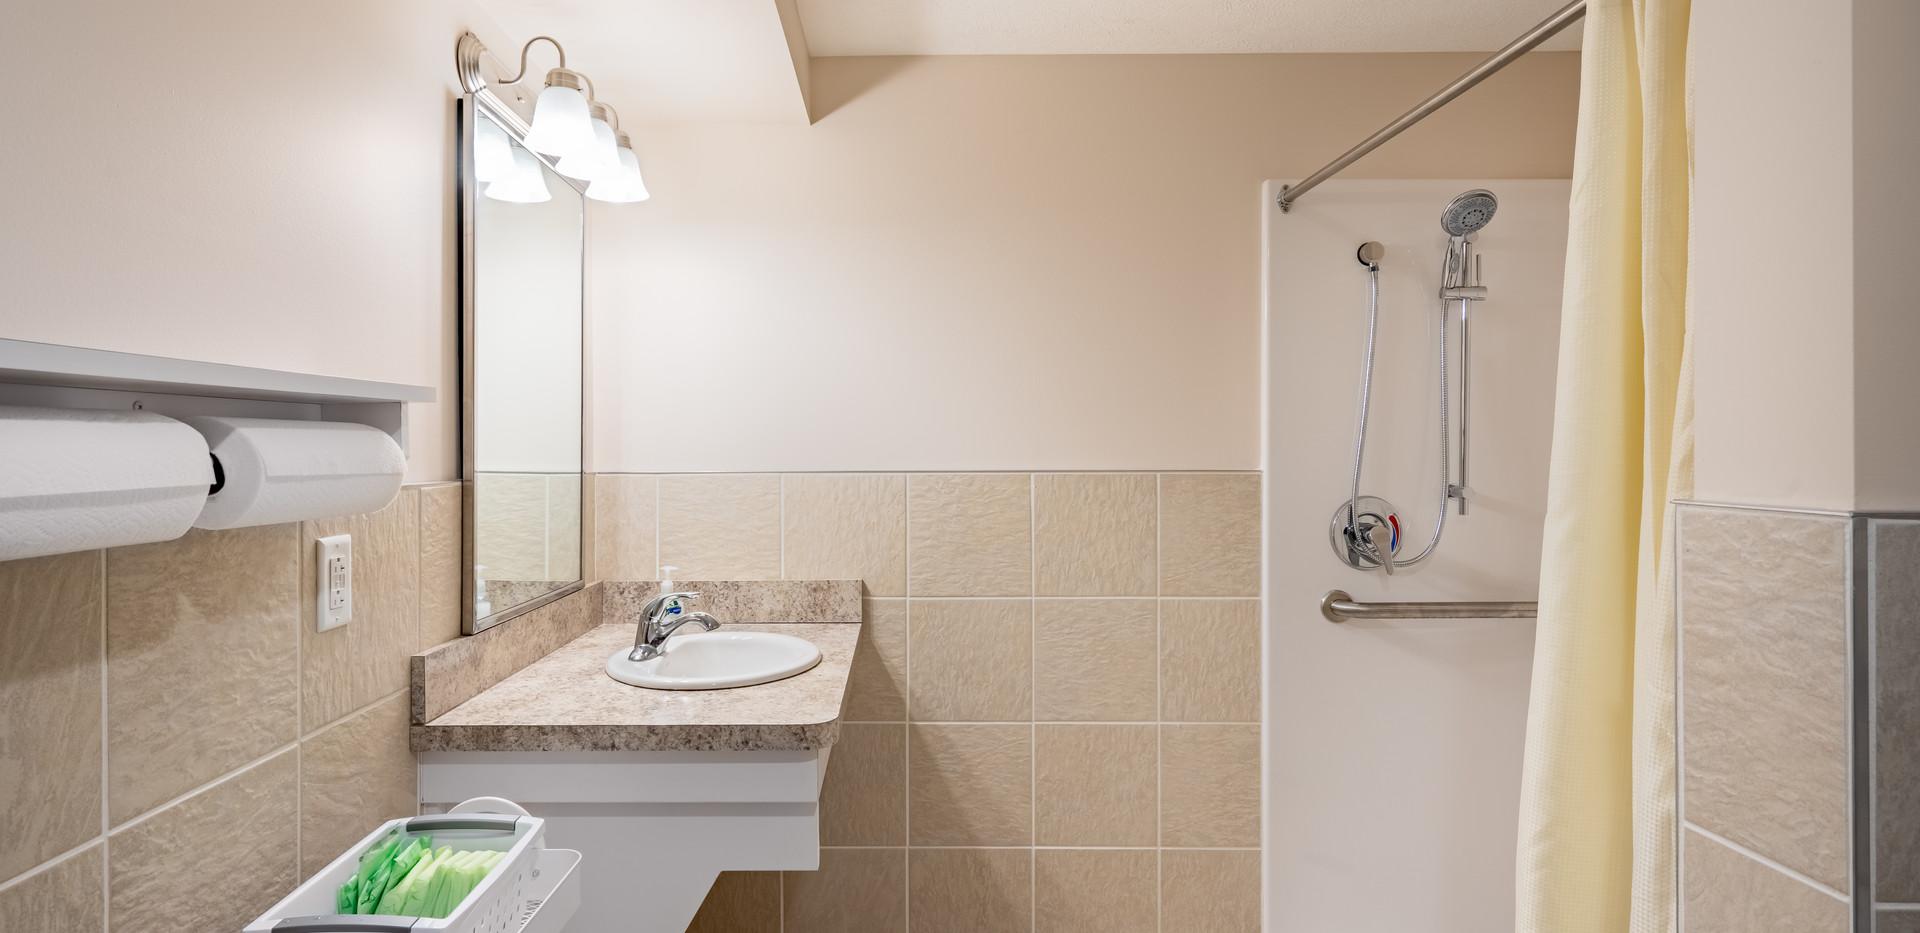 Bathroom - ADA